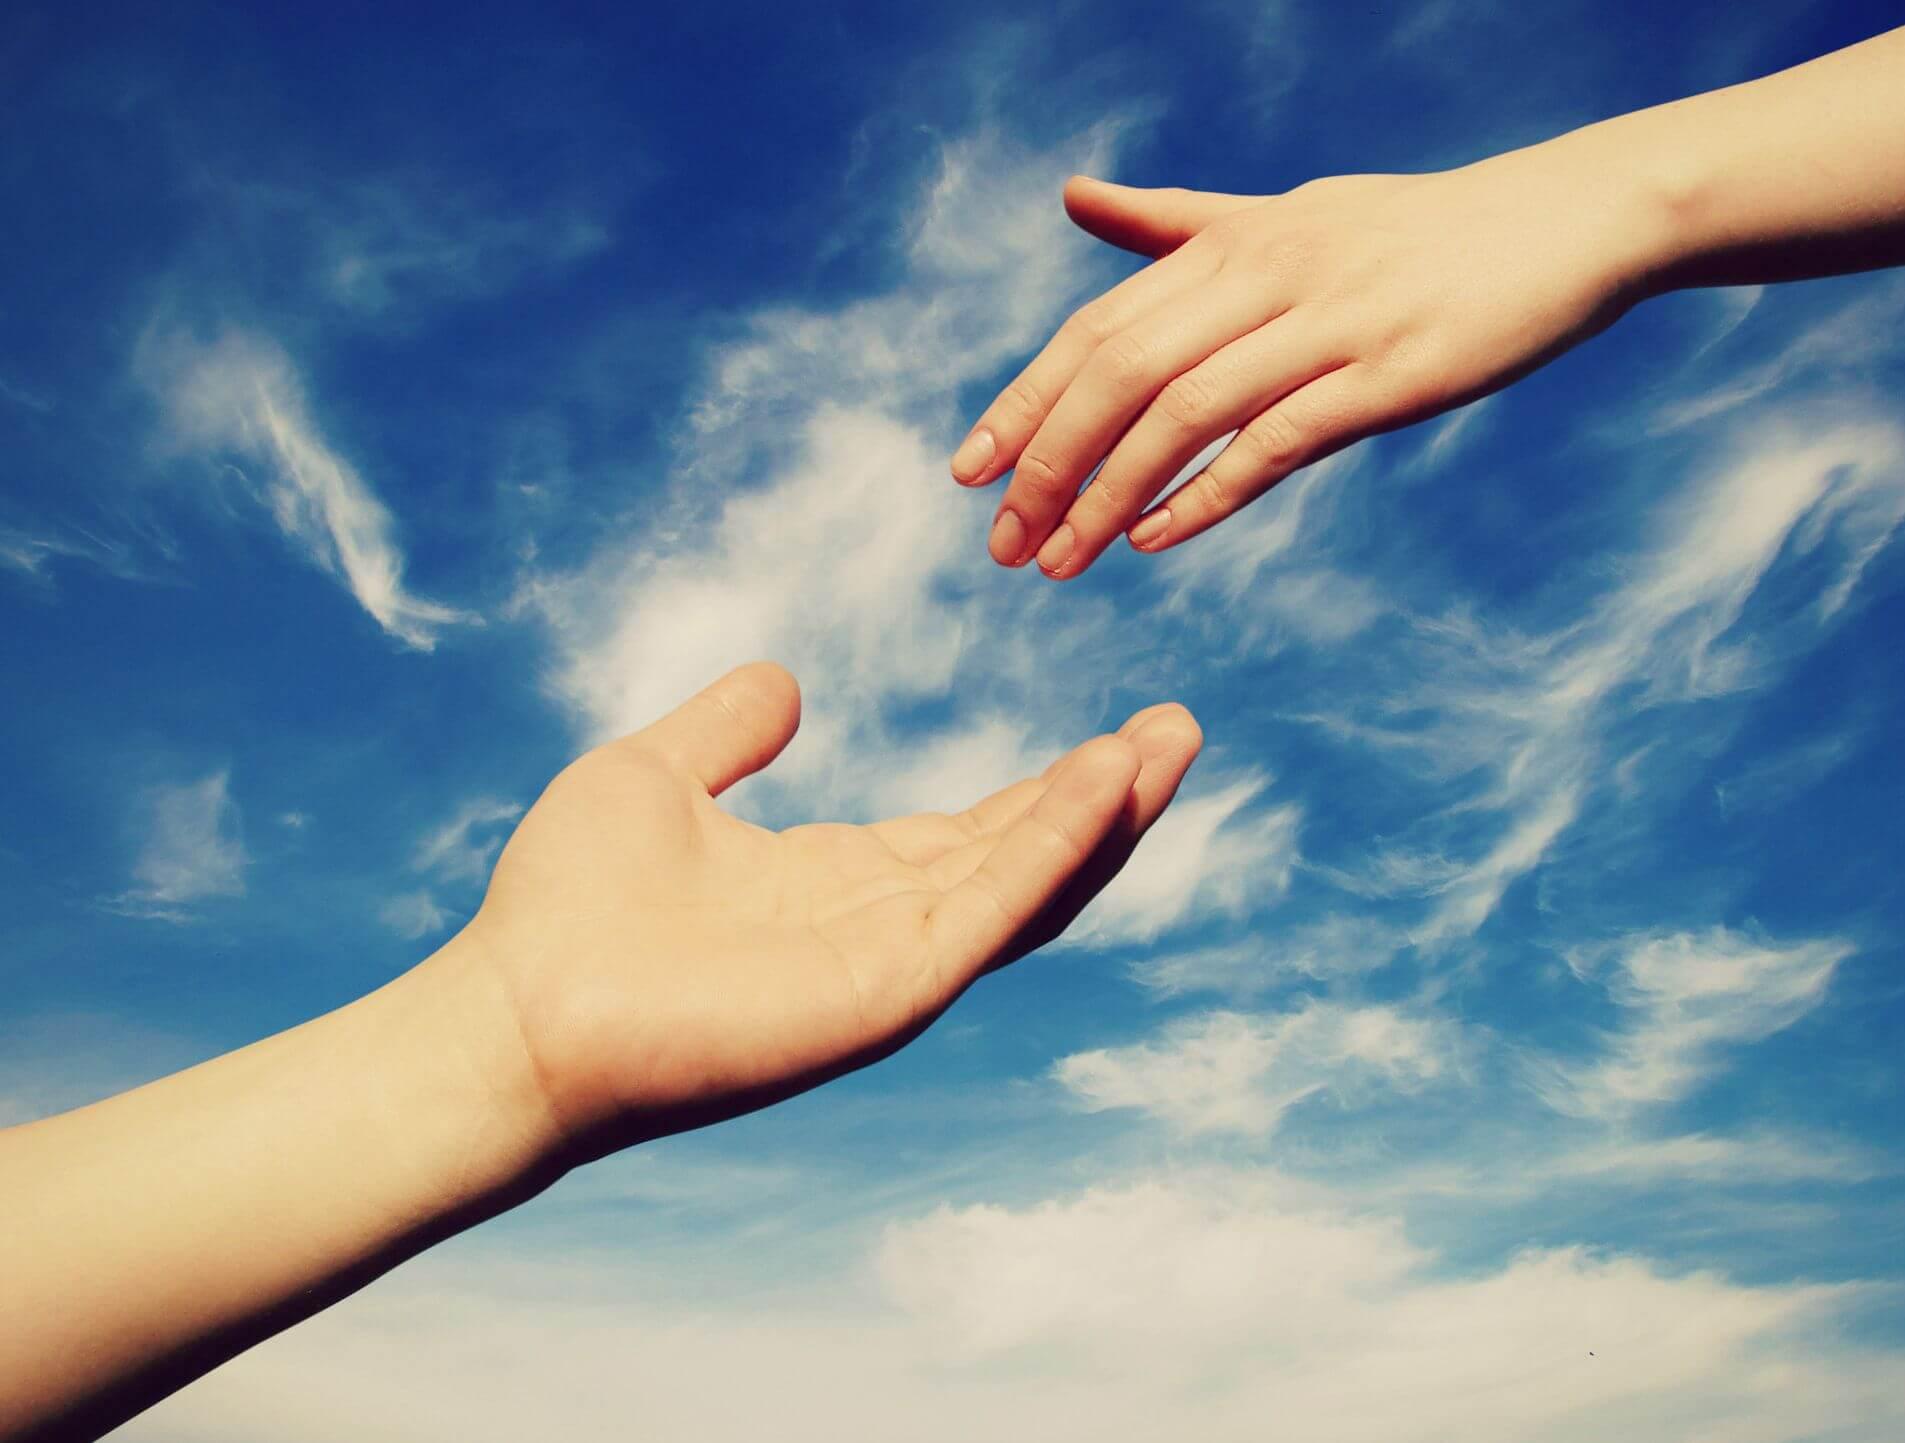 Recomendaciones para ayudar a alguien que sufre